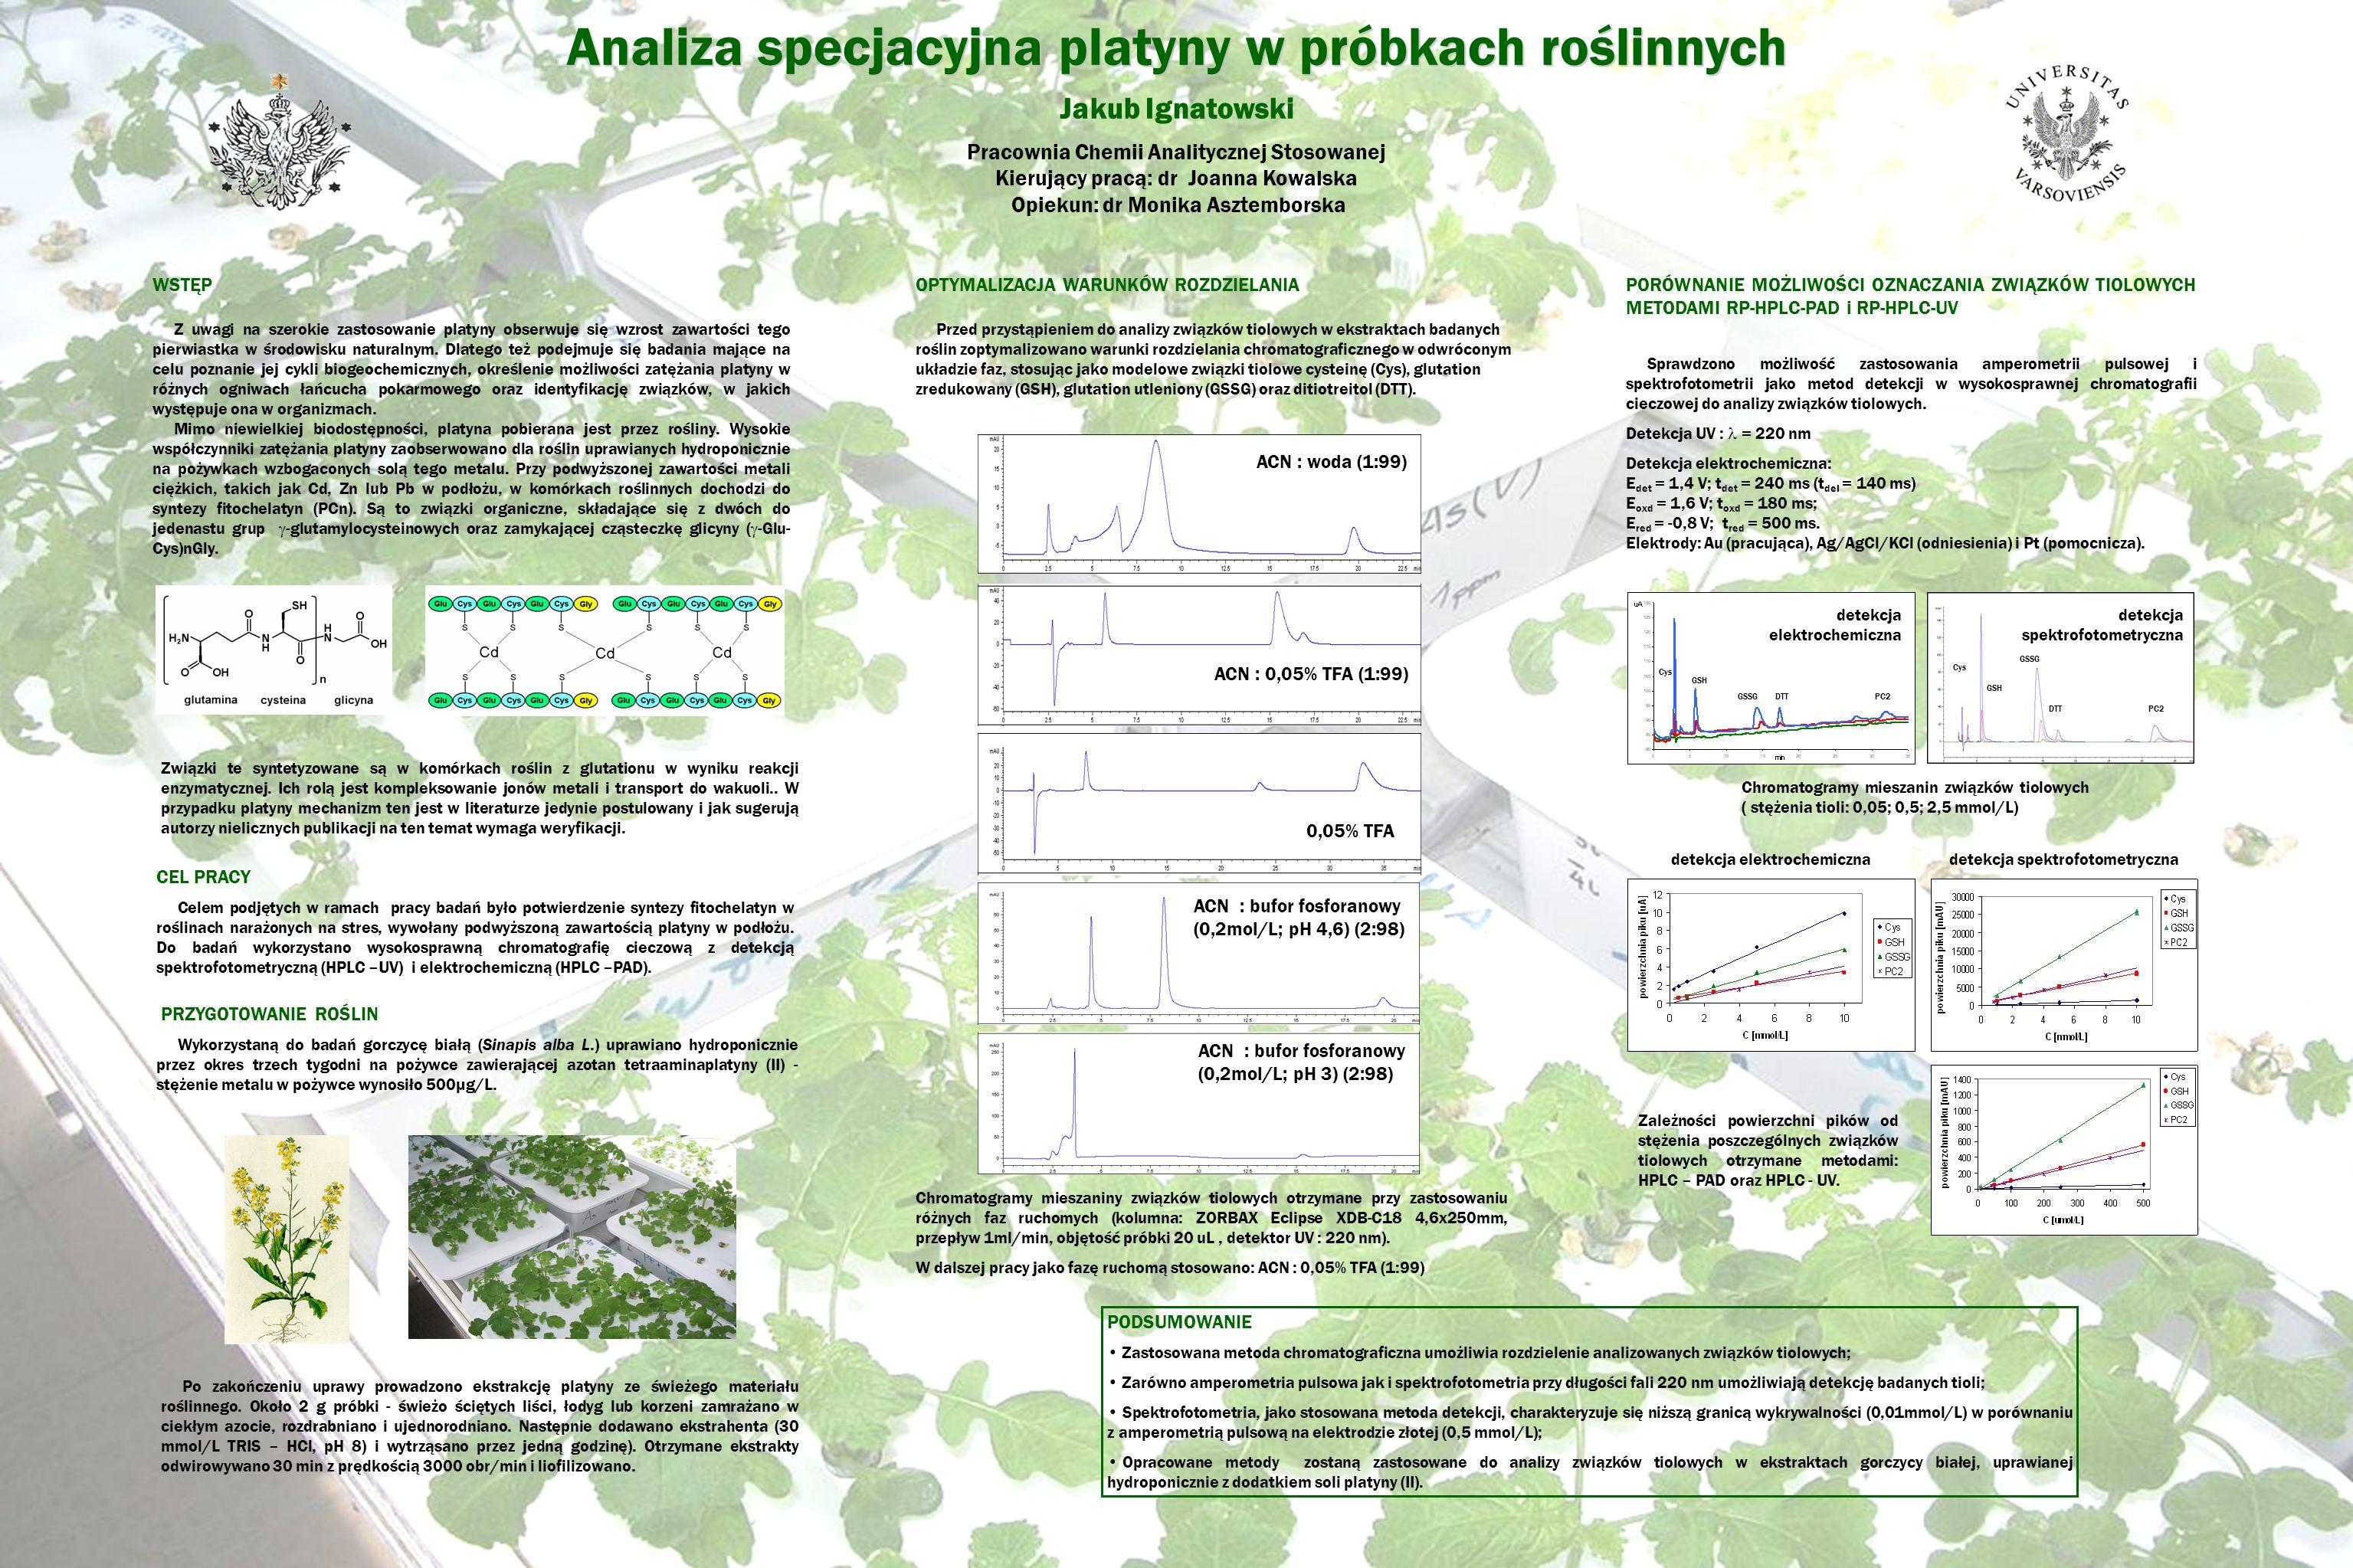 Analiza specjacyjna platyny w próbkach roślinnych Jakub Ignatowski Pracownia Chemii Analitycznej Stosowanej Kierujący pracą: dr Joanna Kowalska Opieku